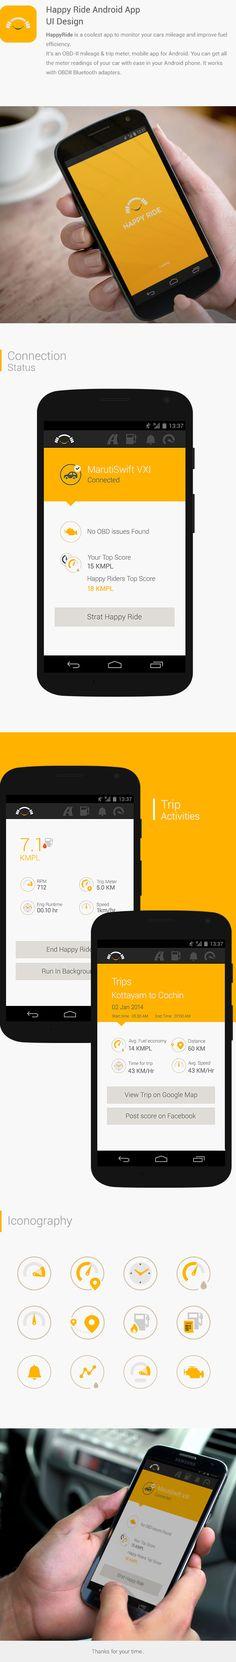 Happy Ride - Android App by vijilal tharaniyil, via Behance